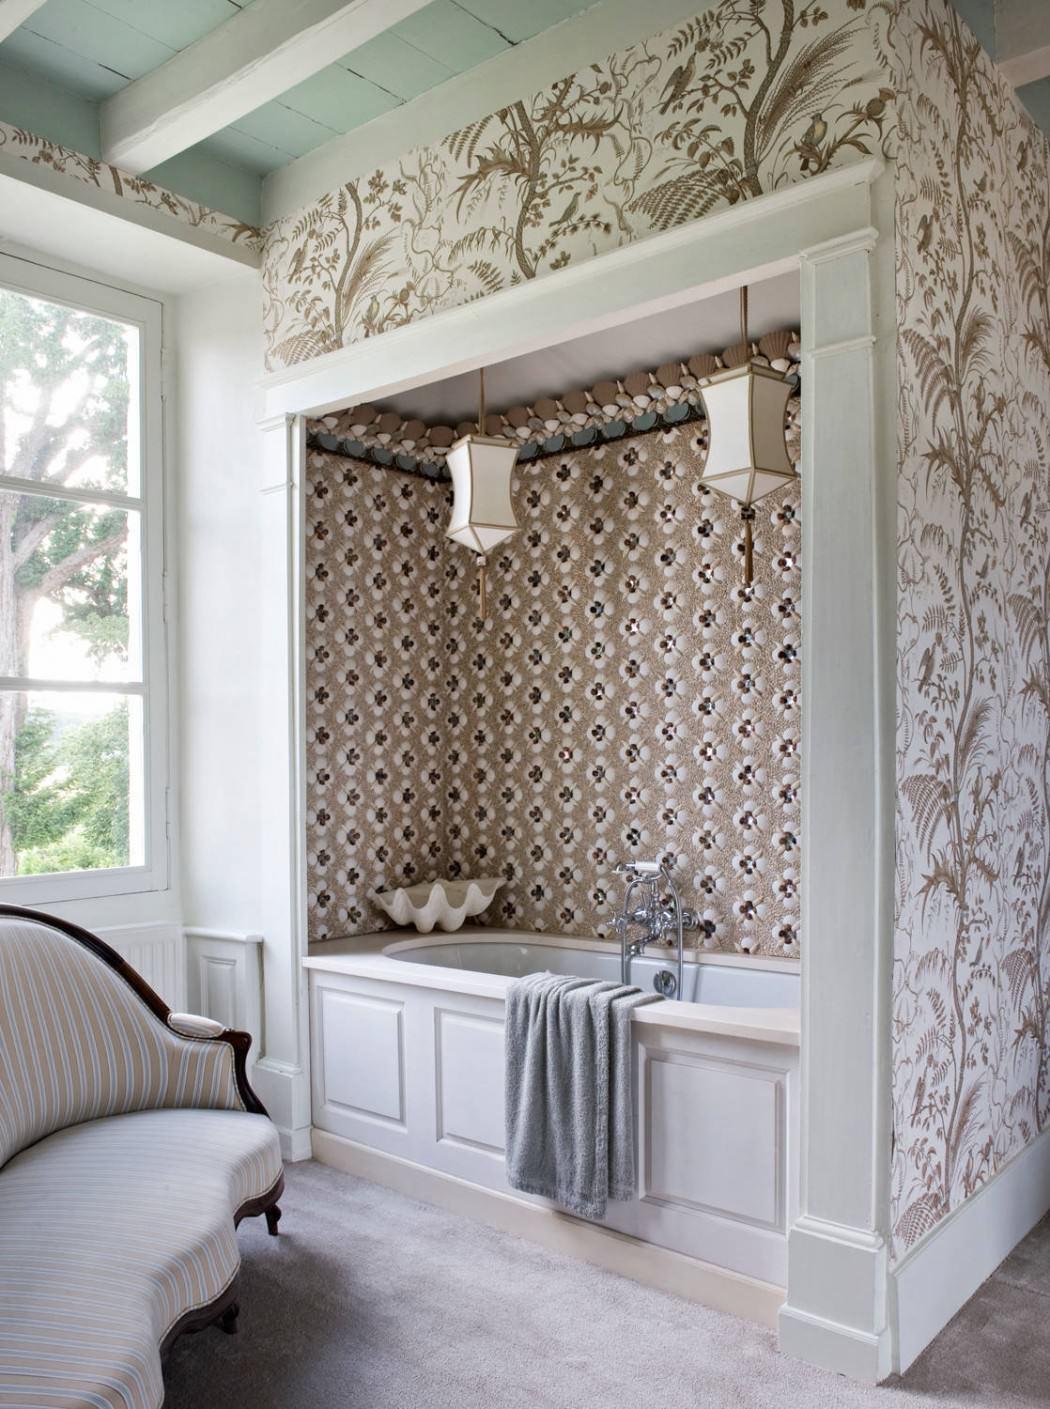 حوض استحمام بديكورات من الطبيعة 1 منزل متميز بديكورات مستوحاة من الطبيعة وأعماق البحار